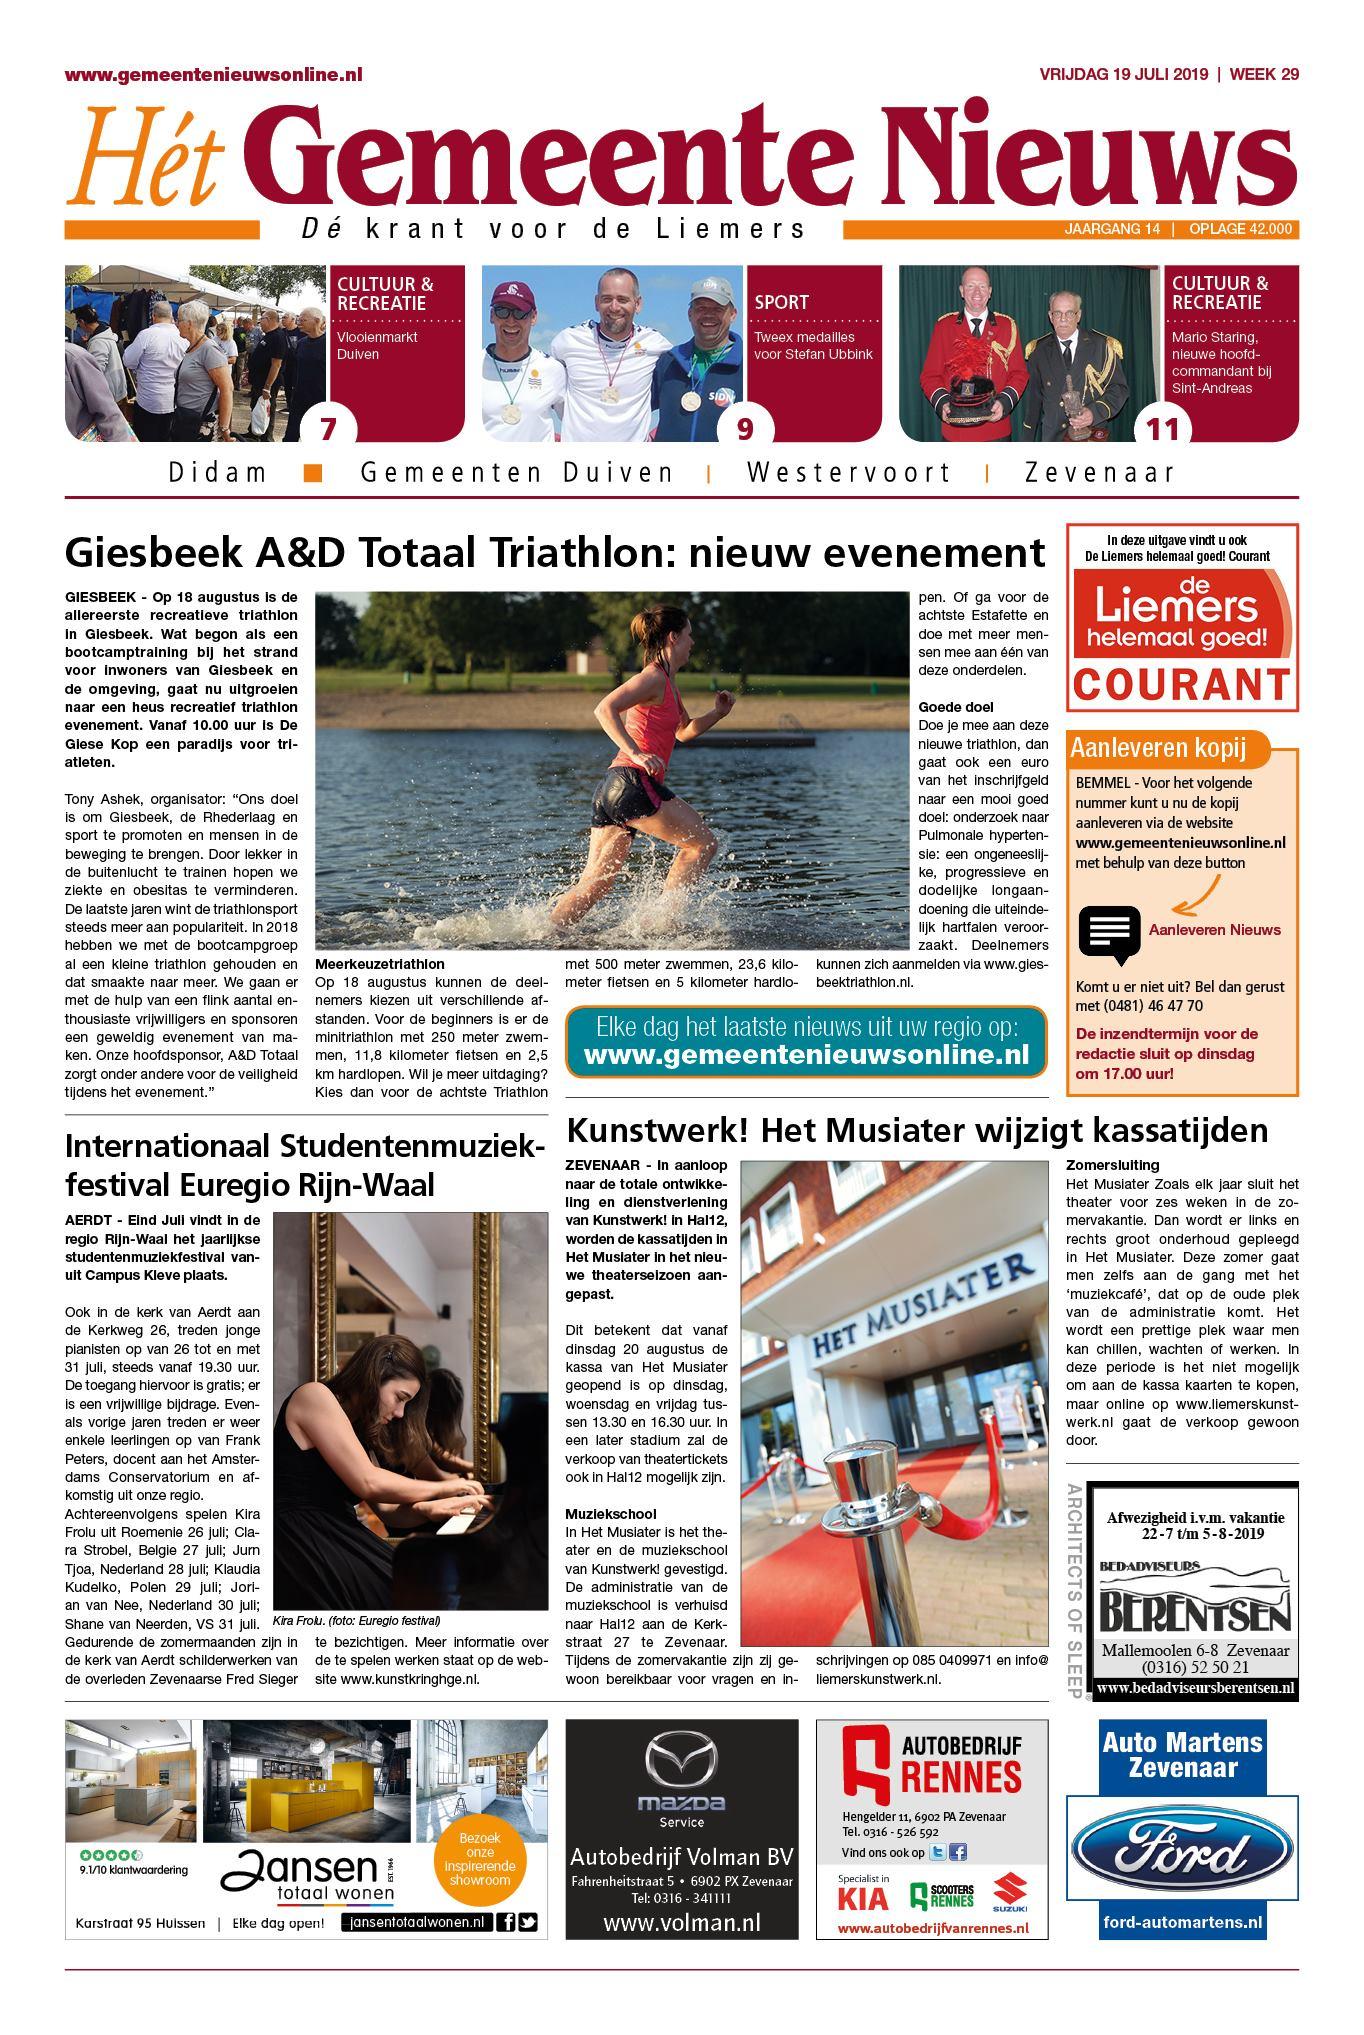 De Liemers Helemaal Goed Courant 19 juli 2019